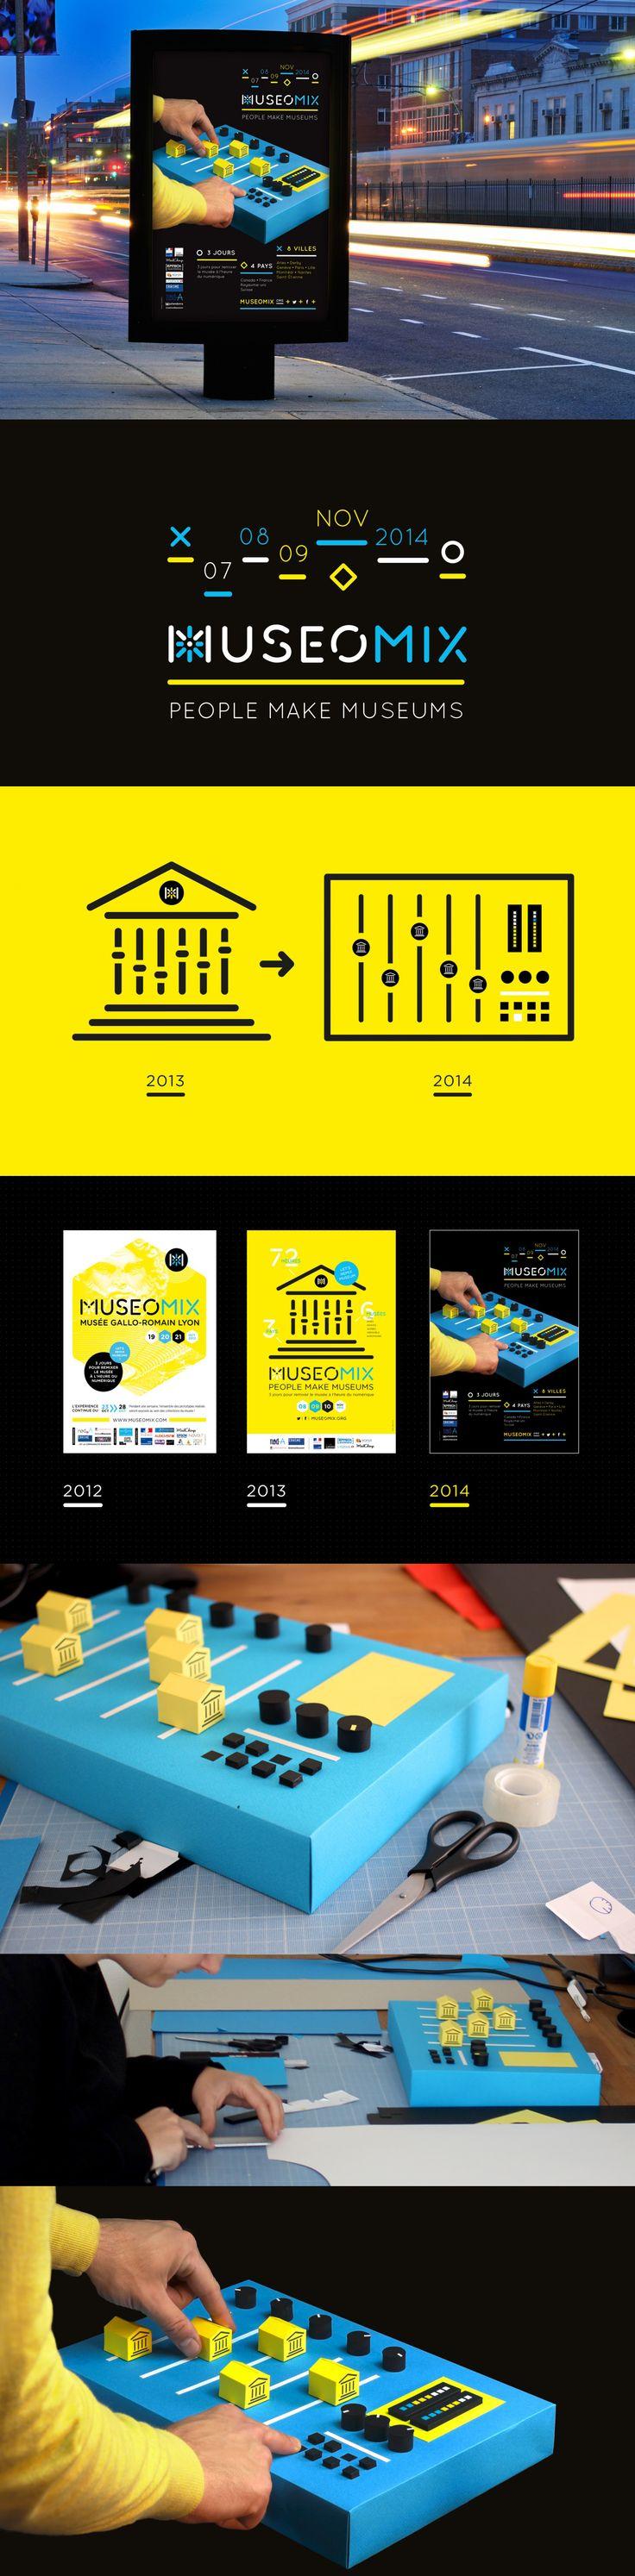 Affiche museomix 2014 réalisée par graphéine